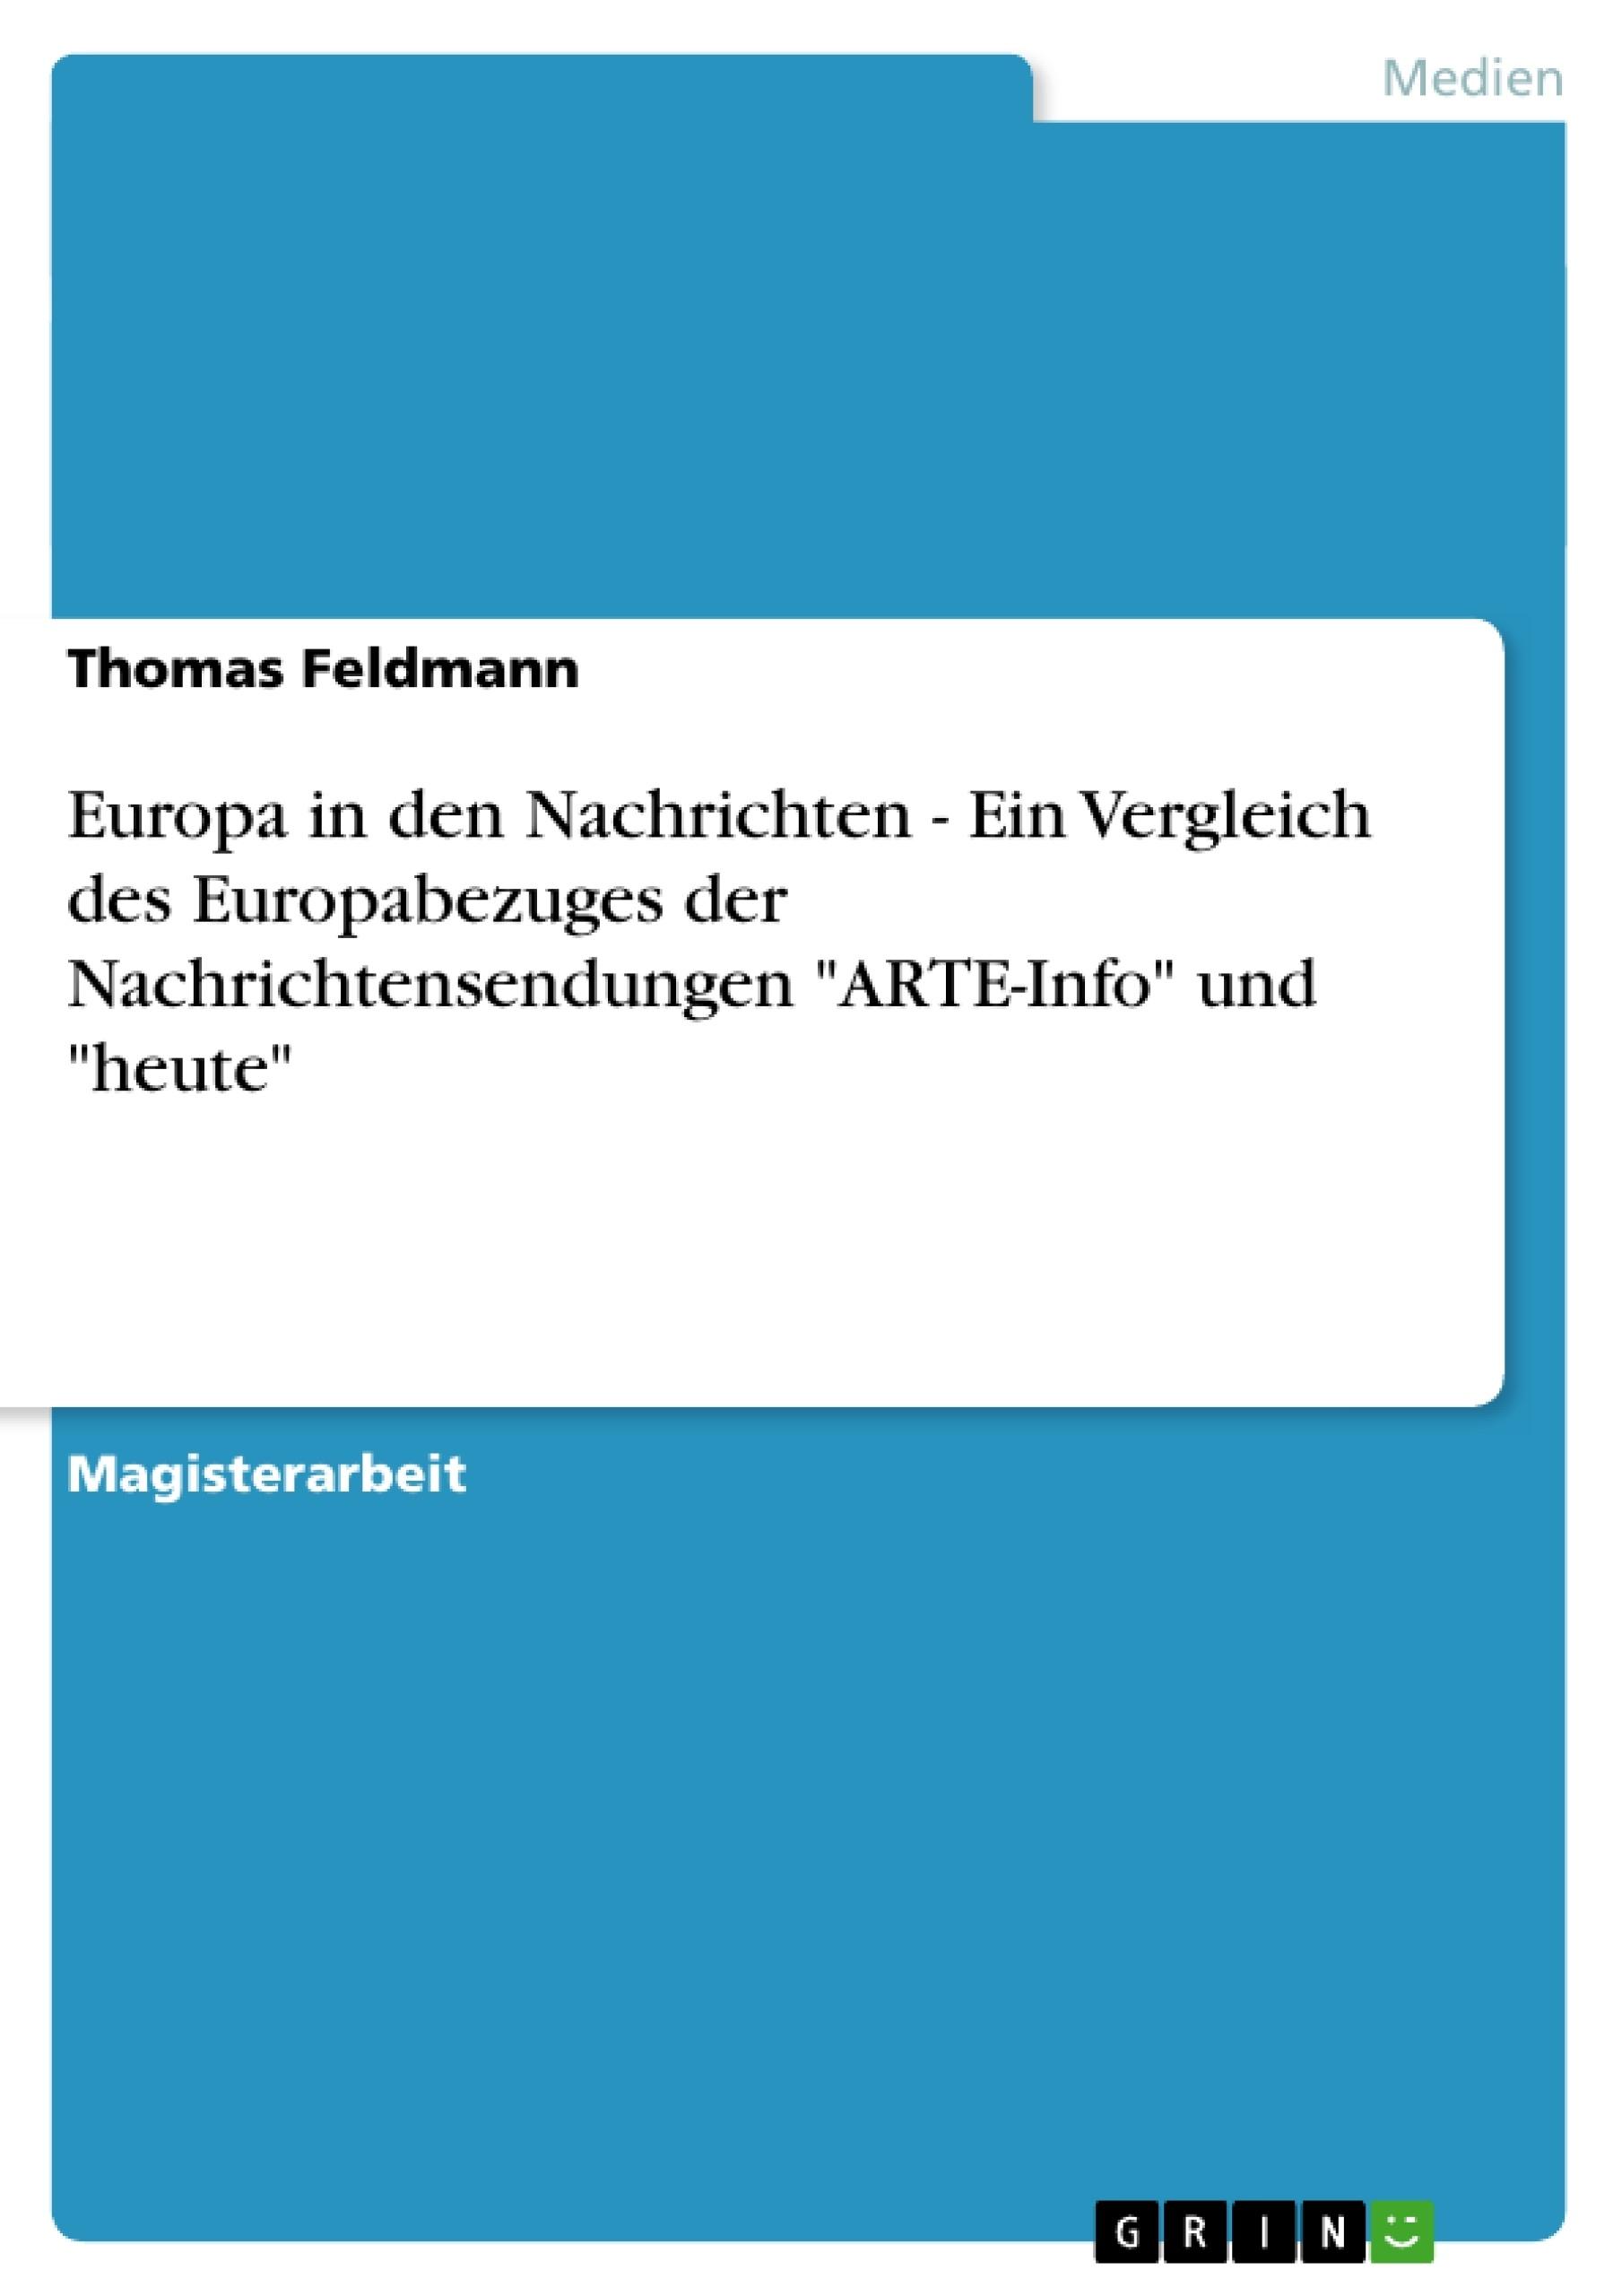 """Titel: Europa in den Nachrichten - Ein Vergleich des Europabezuges der Nachrichtensendungen """"ARTE-Info"""" und """"heute"""""""